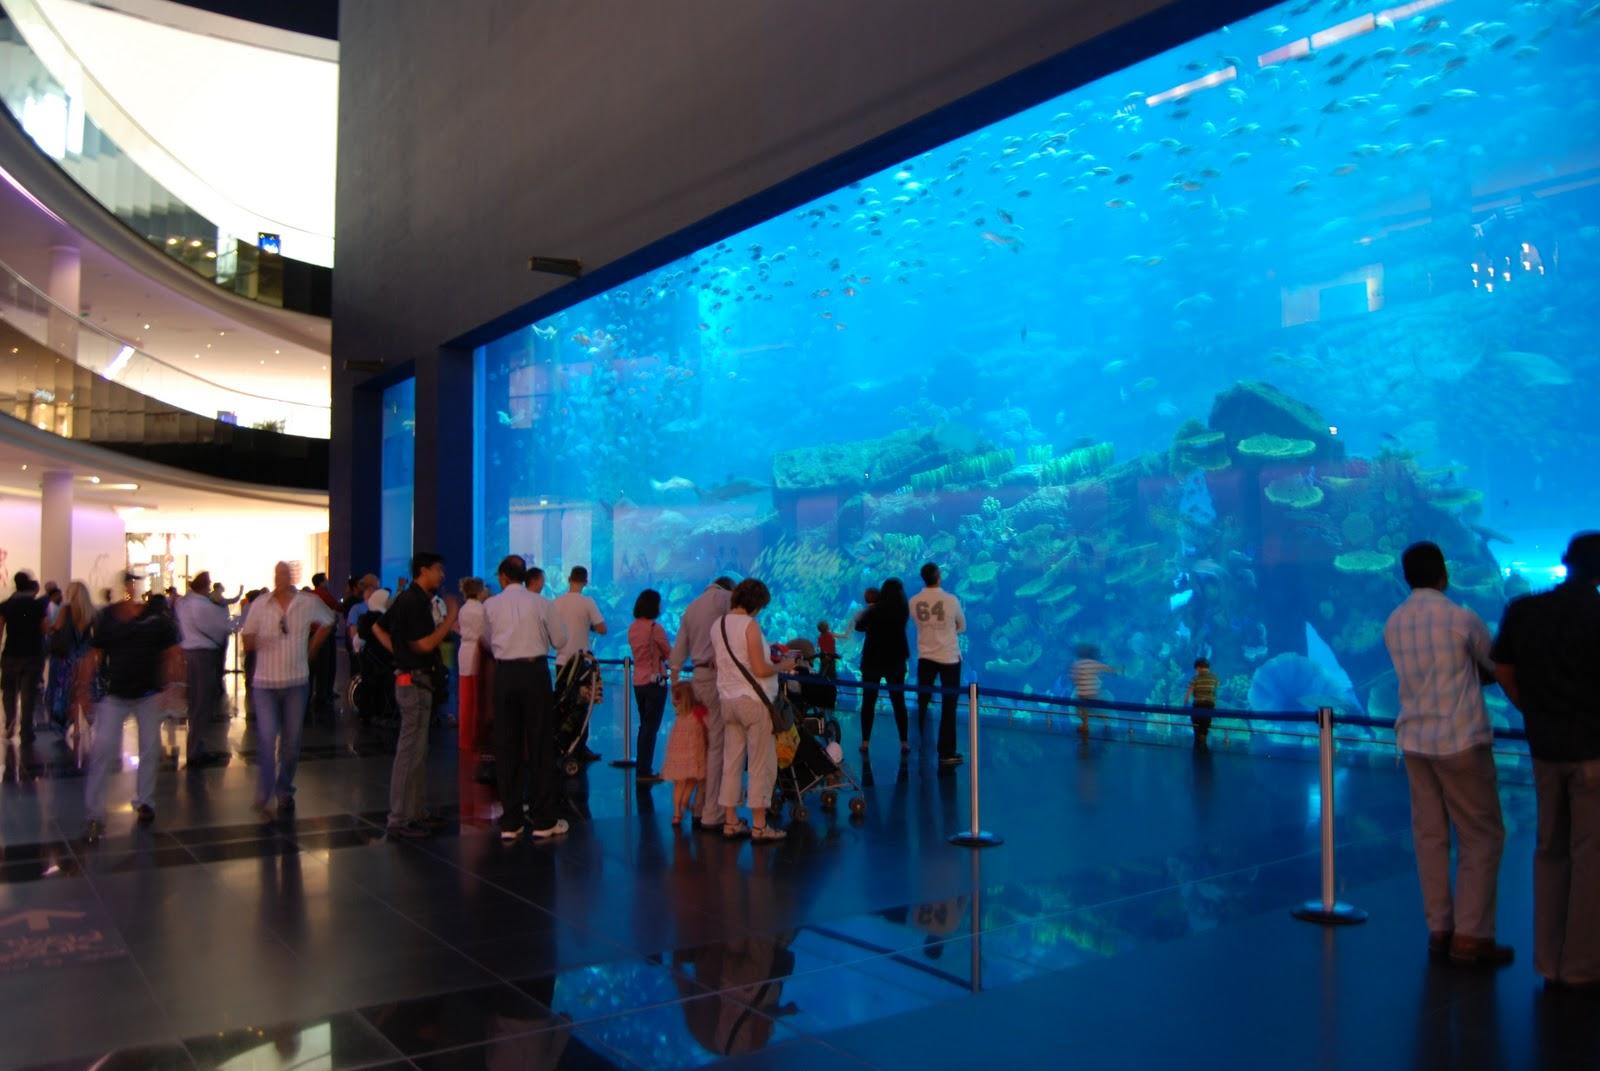 5 Largest Aquarium In The World Ubah Ubah